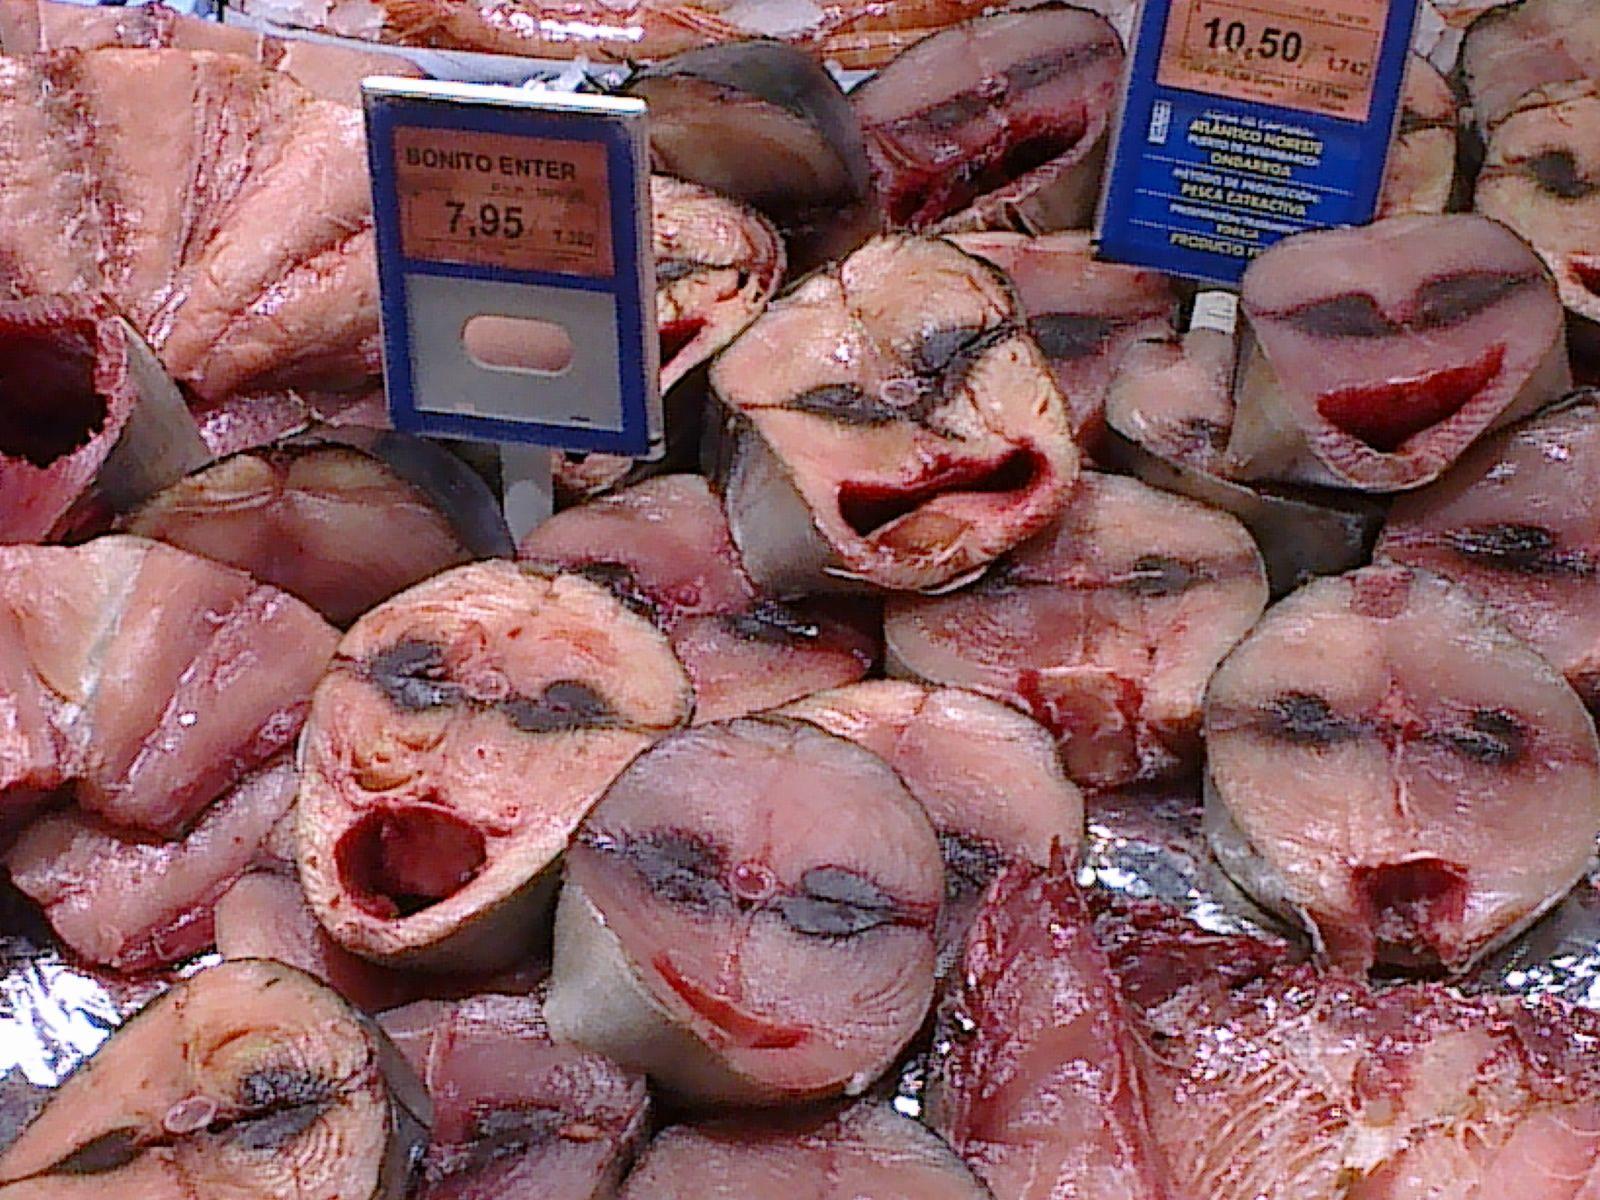 http://manuelpereiragonzalez.blogspot.com/2011/09/humor-pescado-haciendo-muecas.html